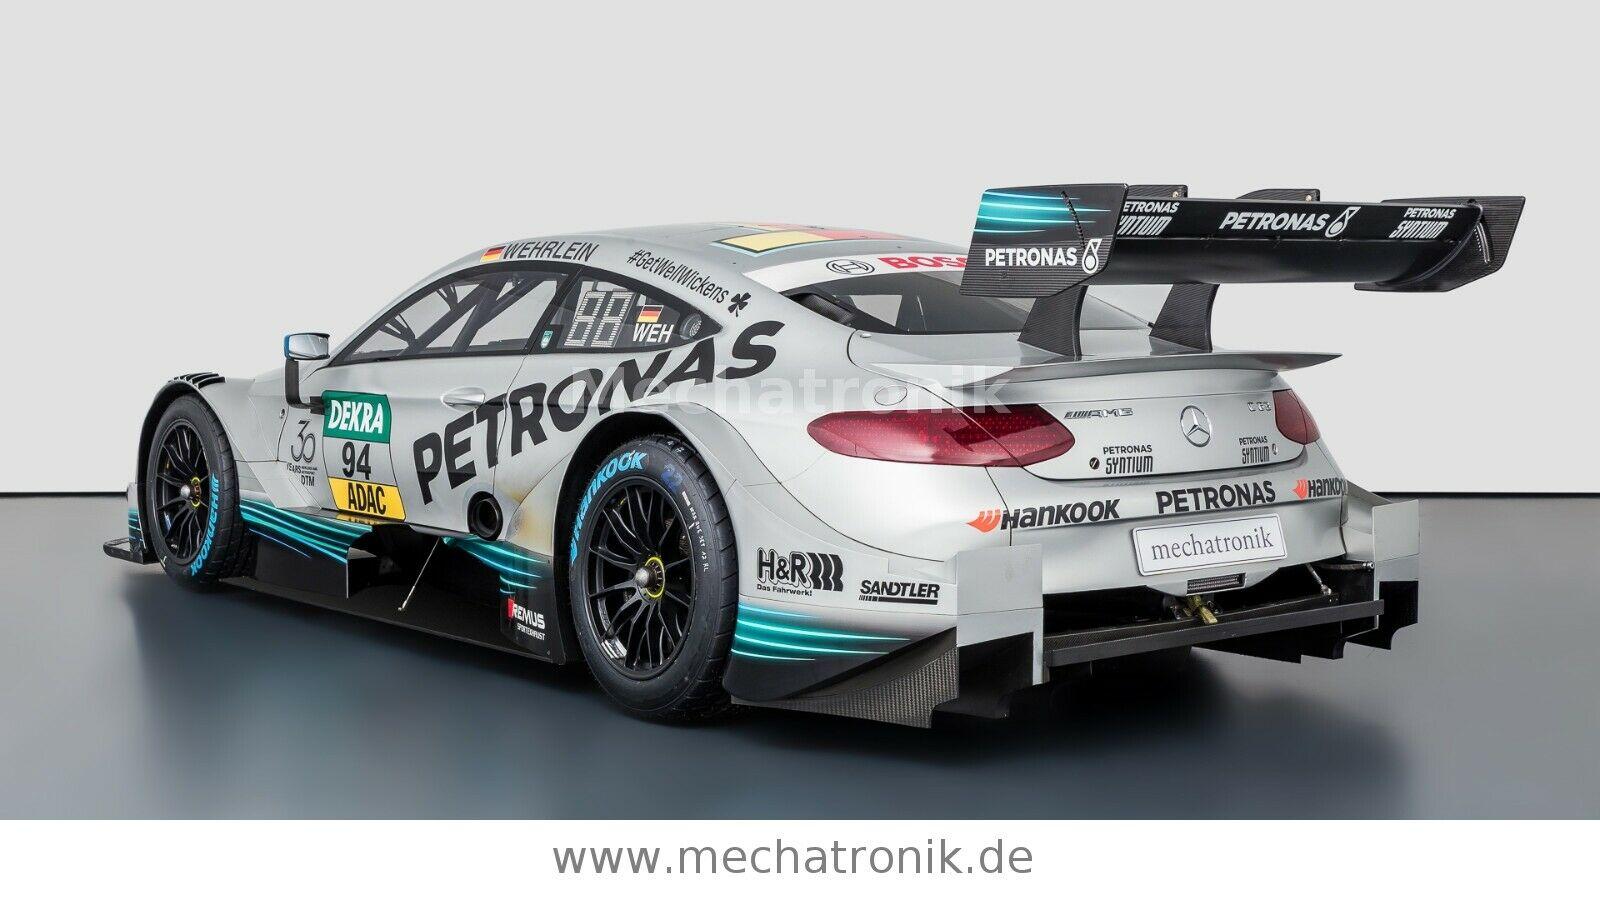 Mercedes-AMG C63 DTM rear